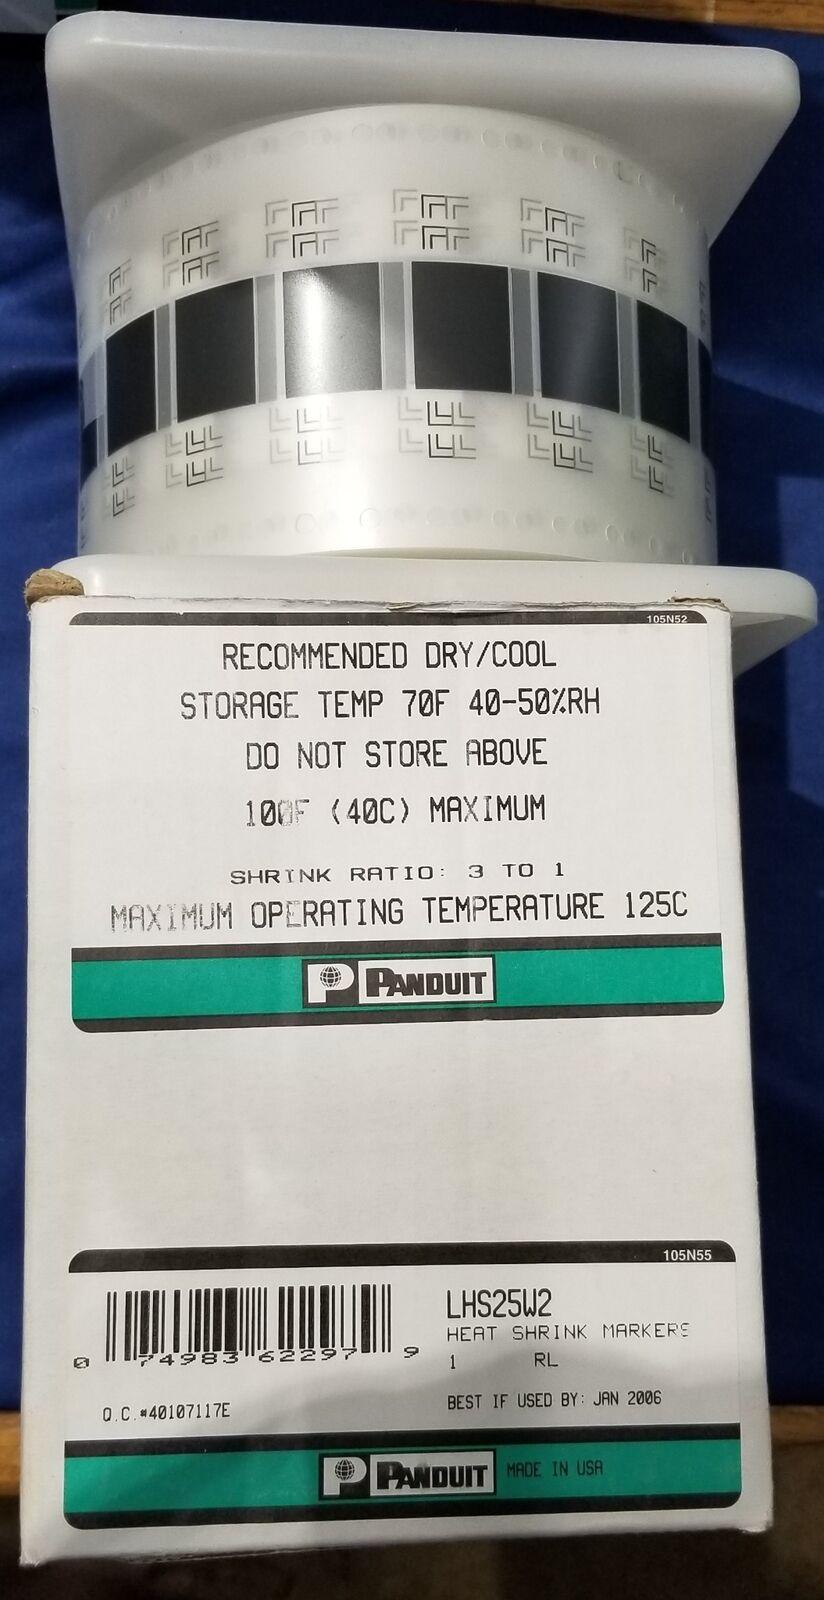 PAN005 NOS Panduit Heat Shrink Markers Roll LHS25W2